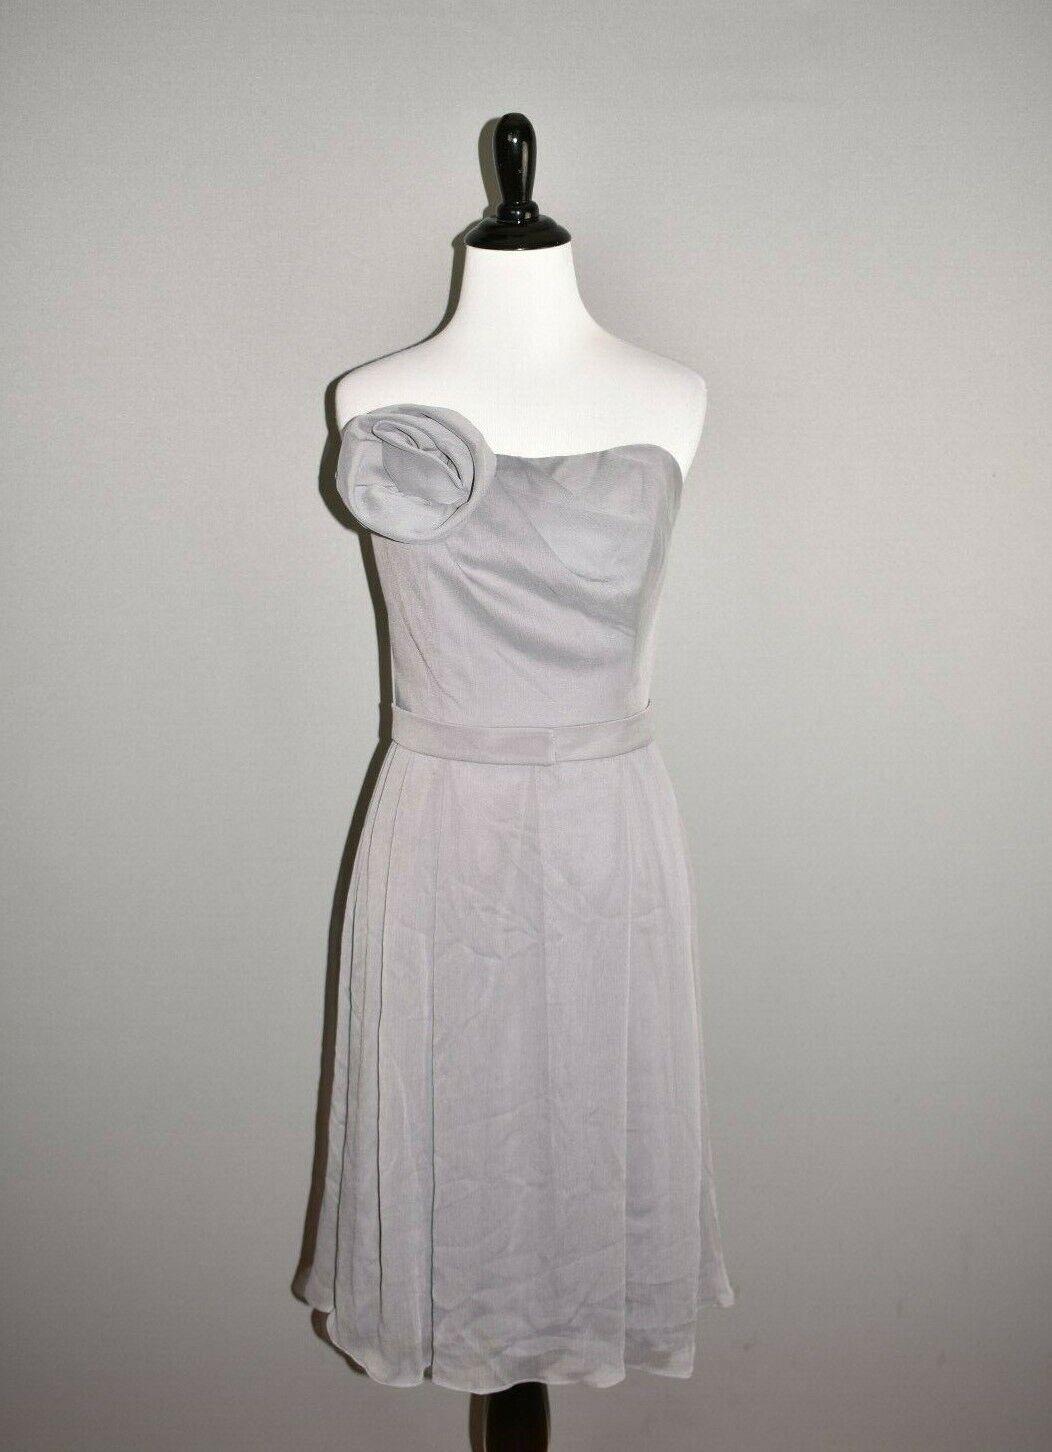 LELA ROSE NEW Gray Strapless Chiffon Bridesmaid Dress Size 8